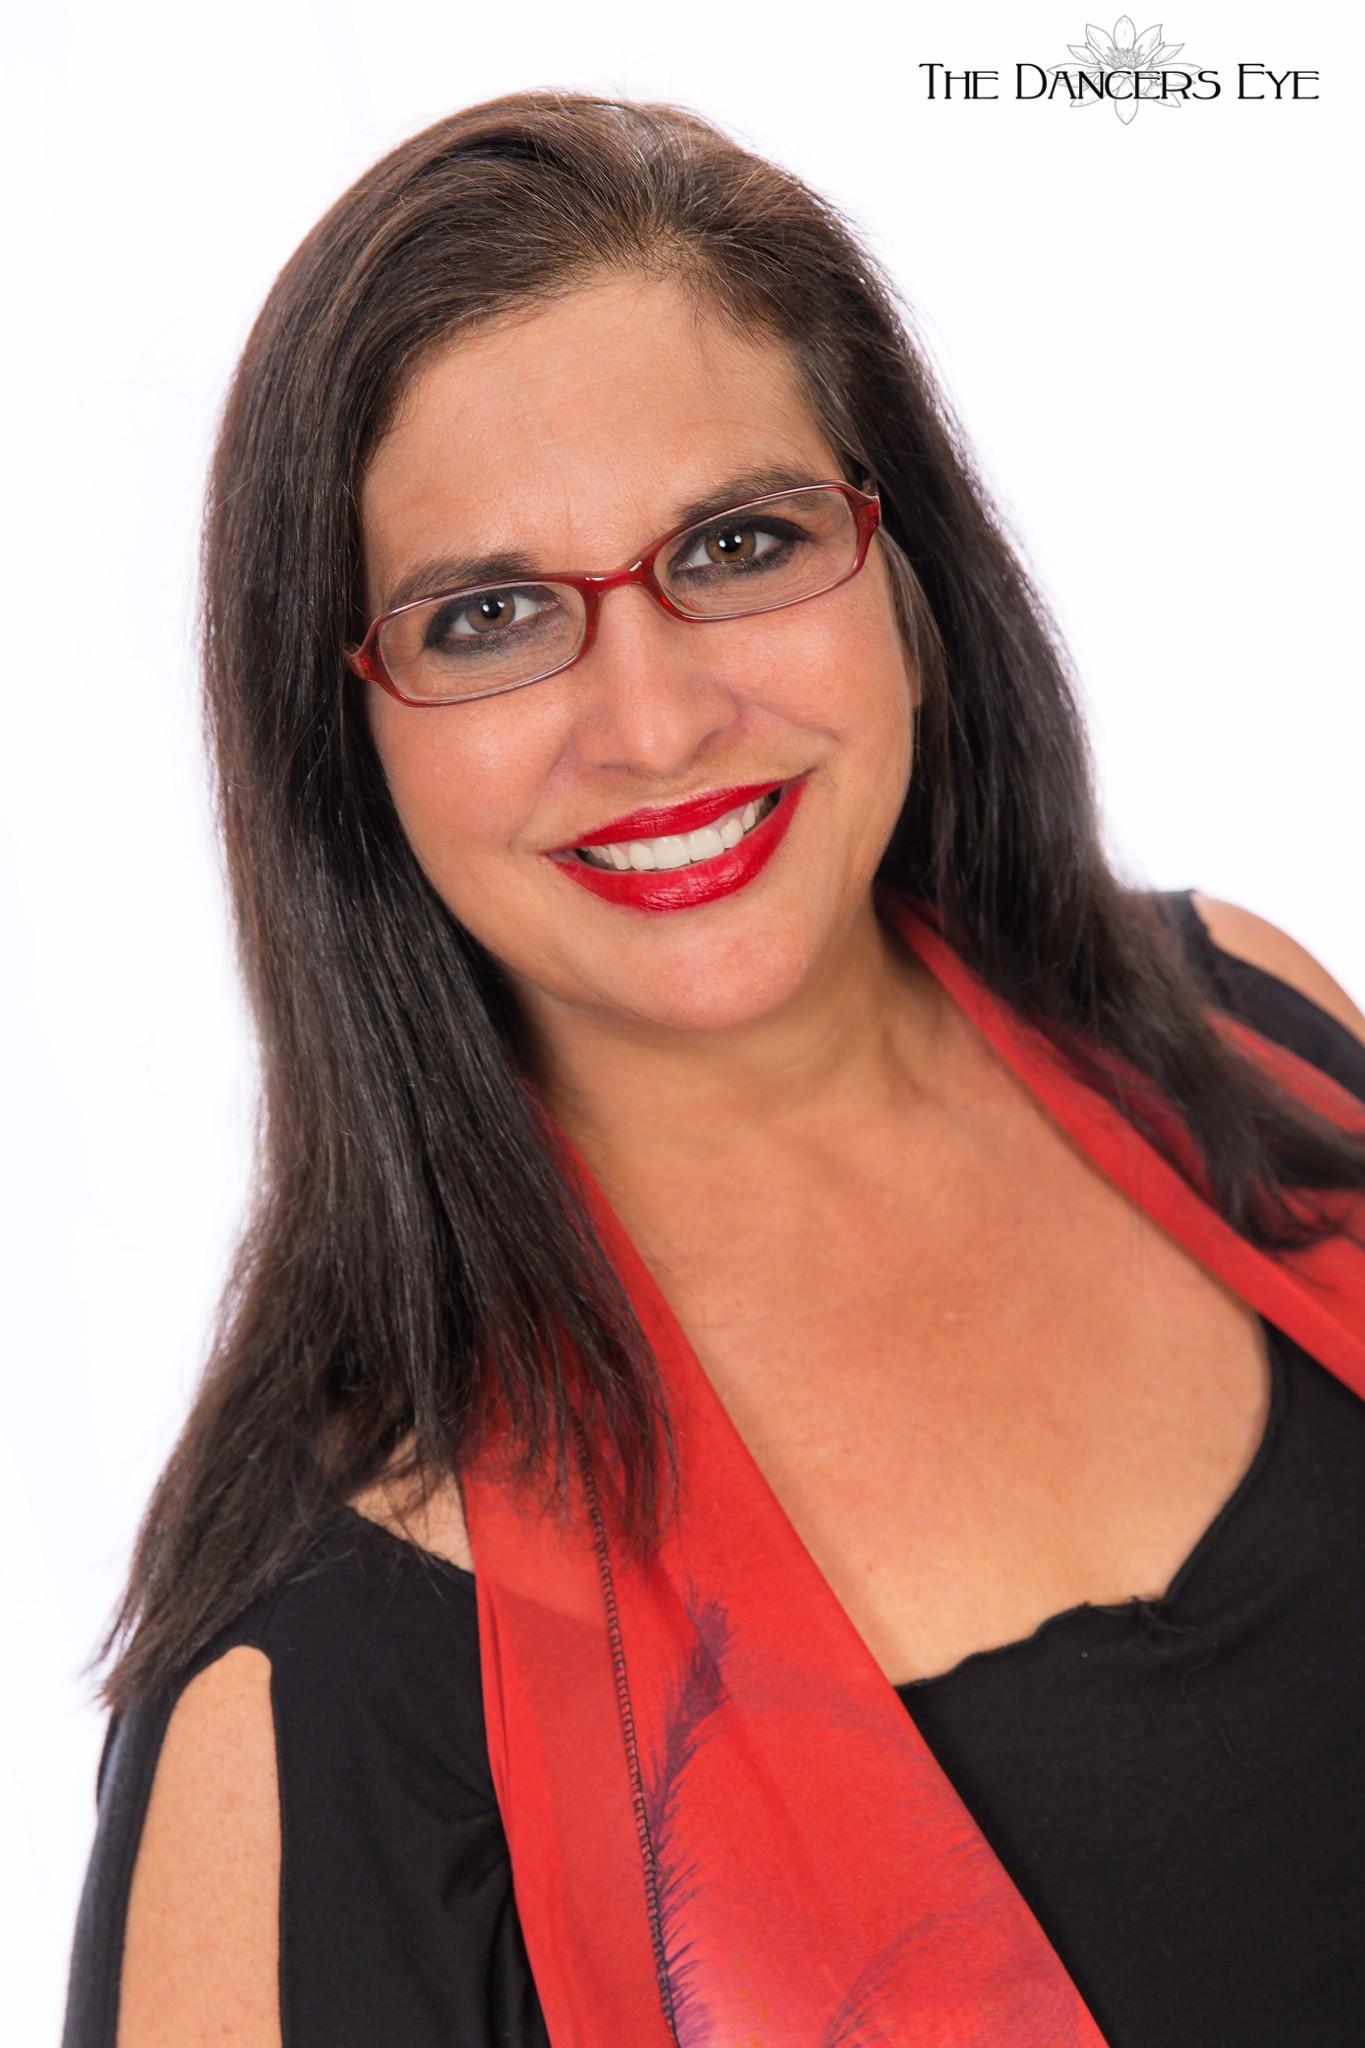 Andrea Farese